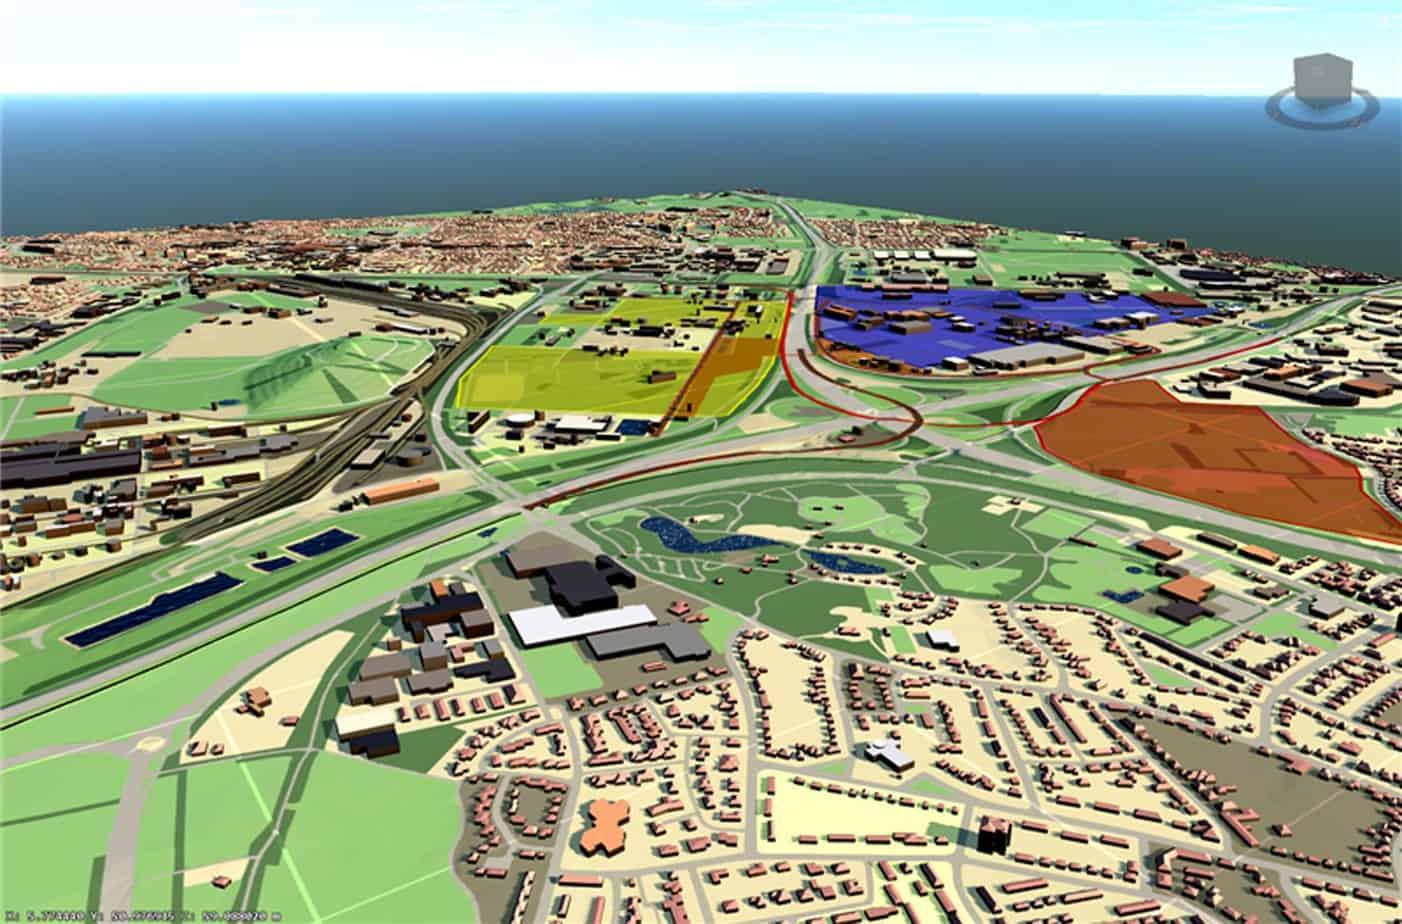 Lo screen capture di un modello di infrastruttura esistente